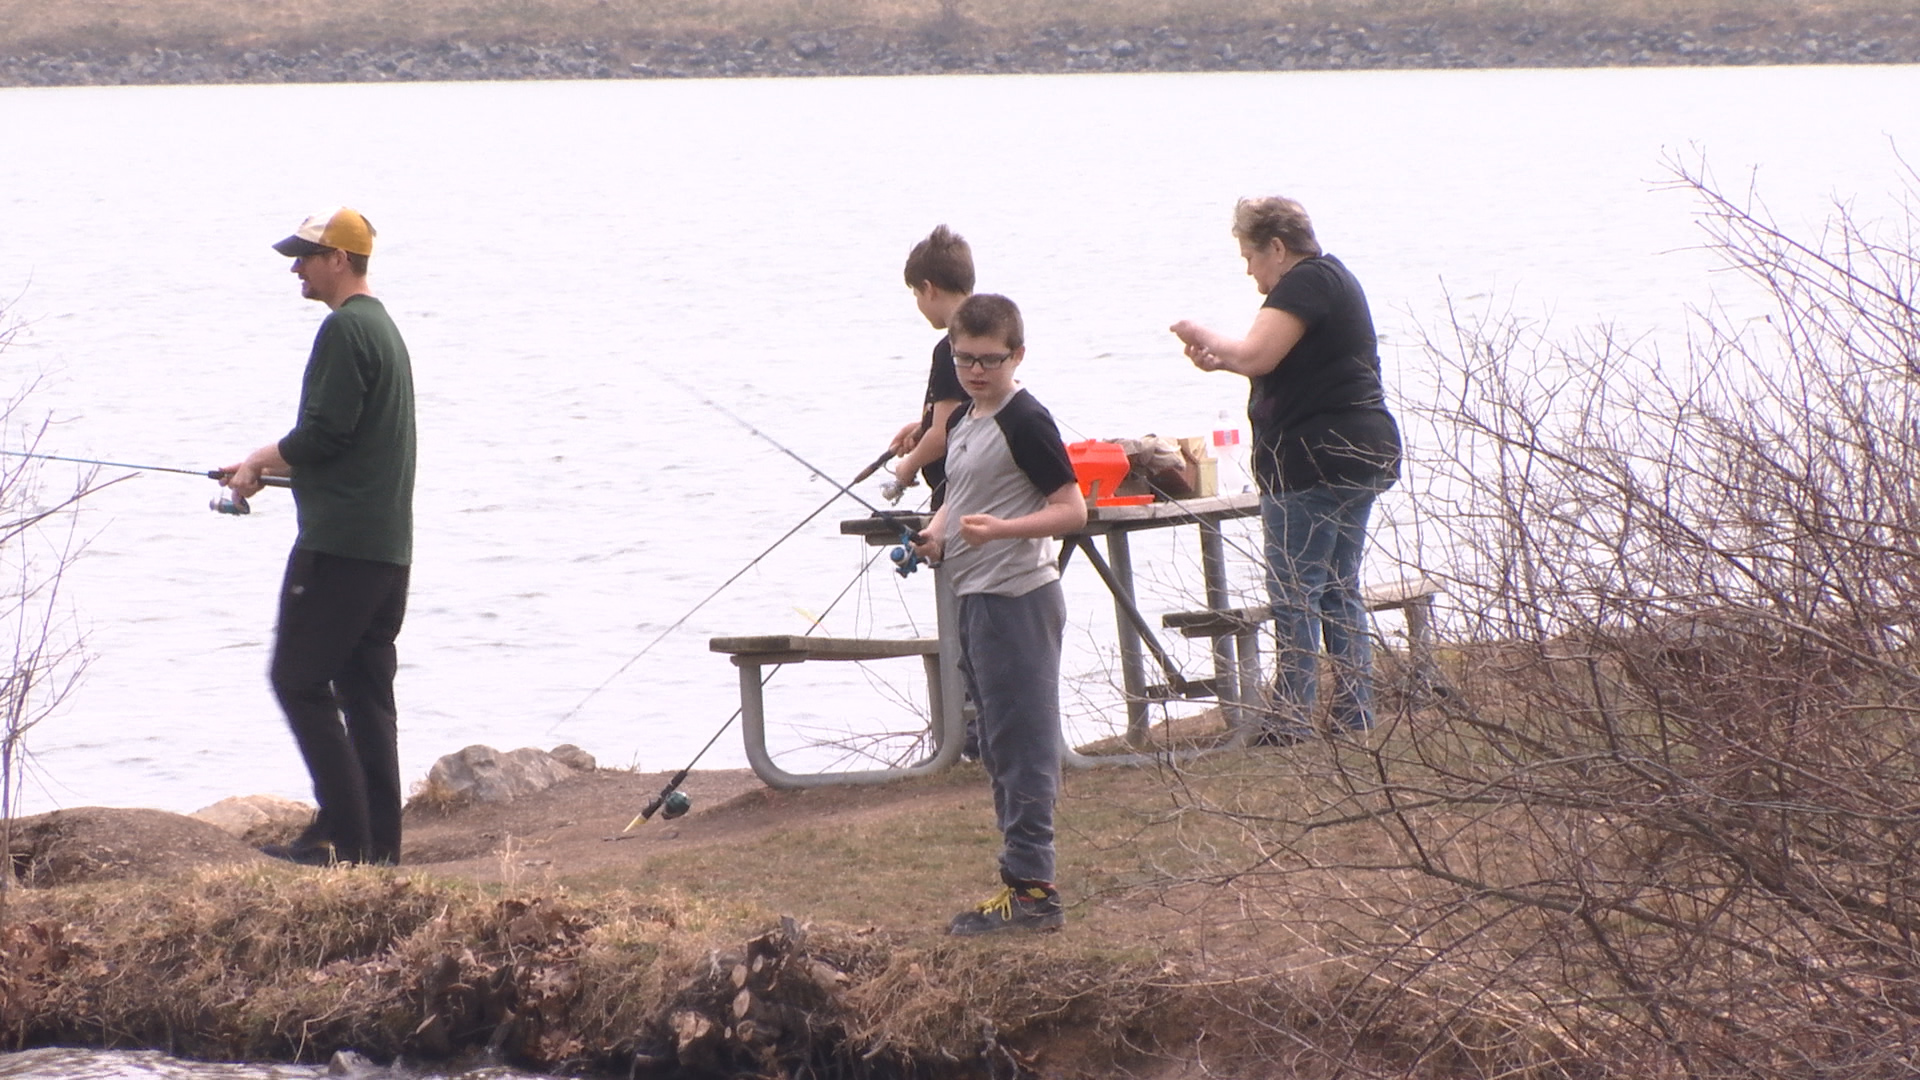 Canoe Creek Pic For Web_040619_1554603792315.jpg.jpg